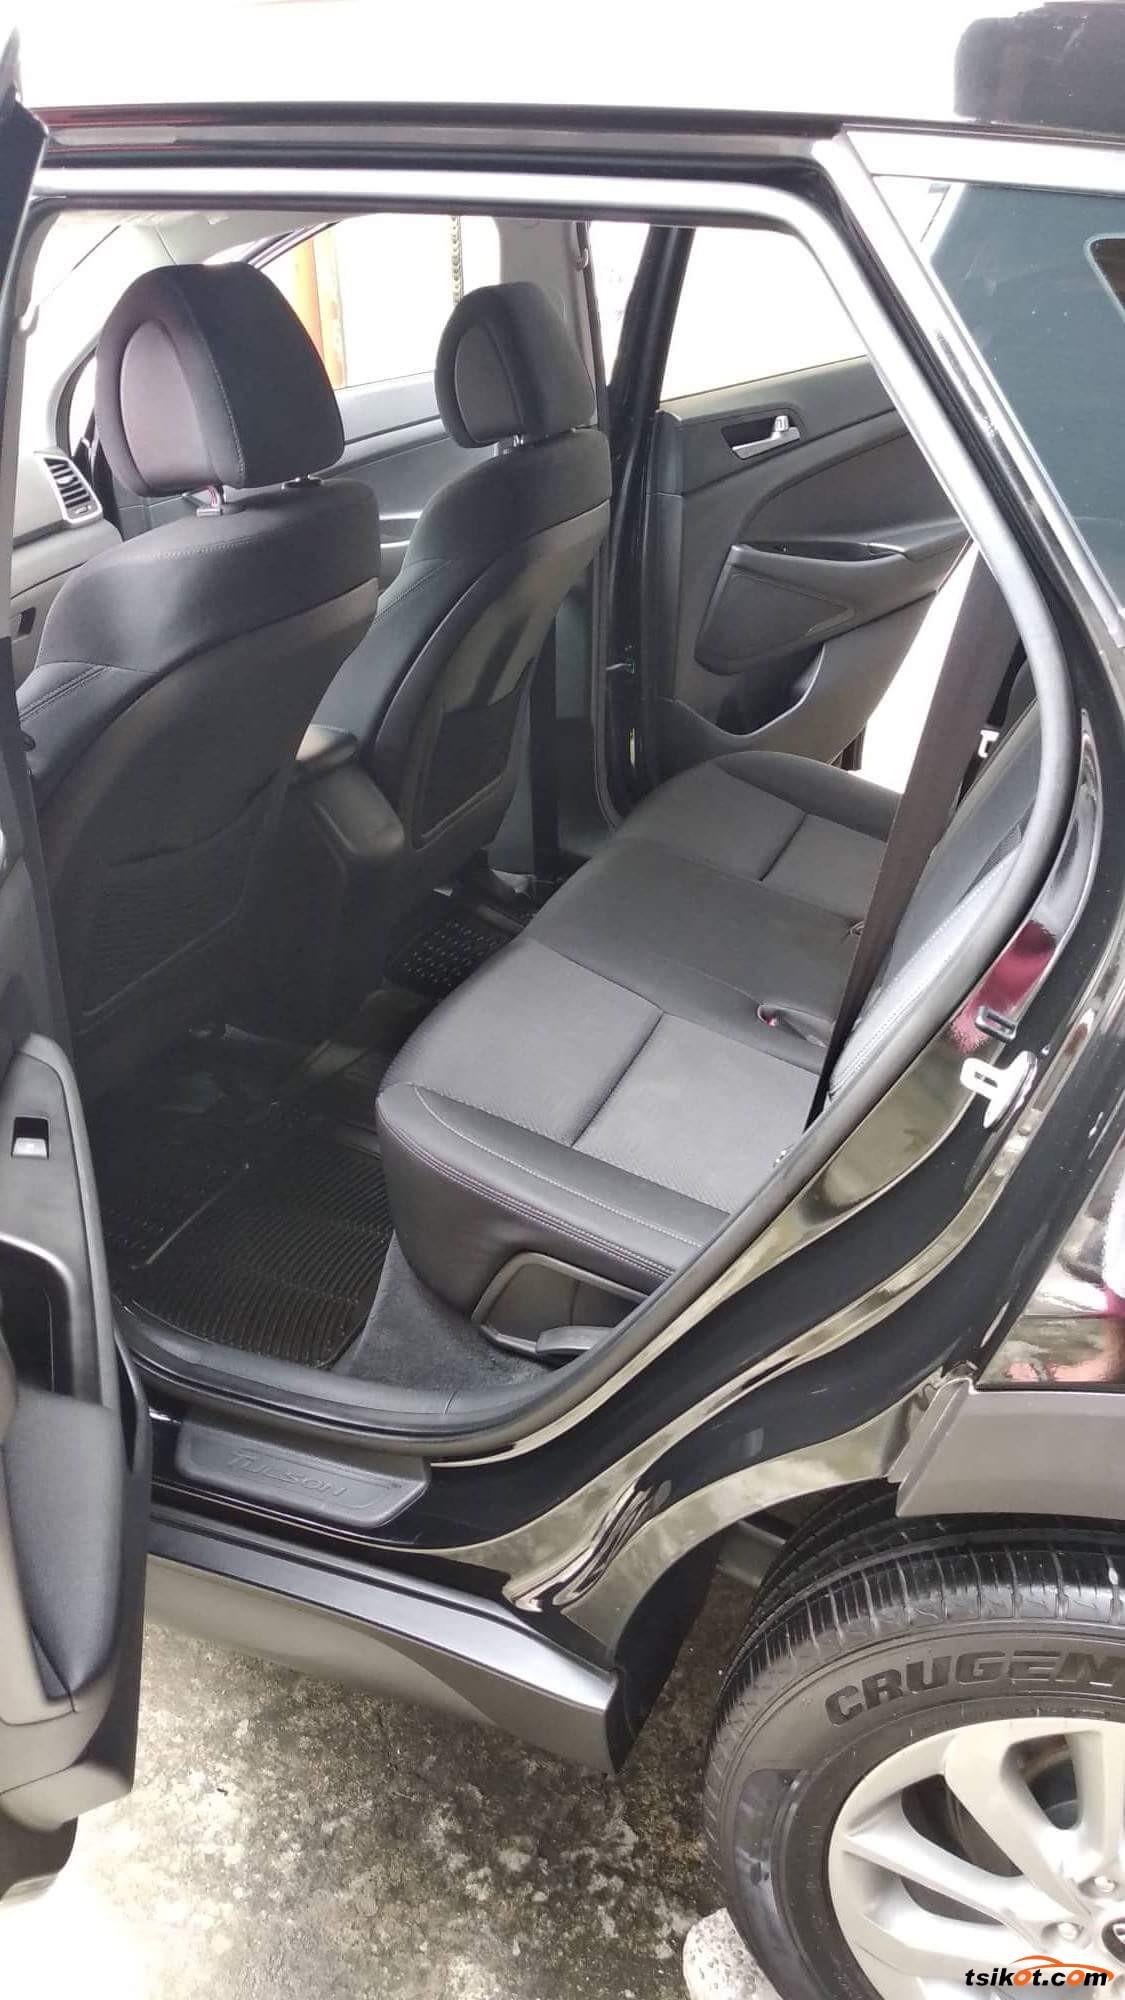 Hyundai Tucson 2017 - 5